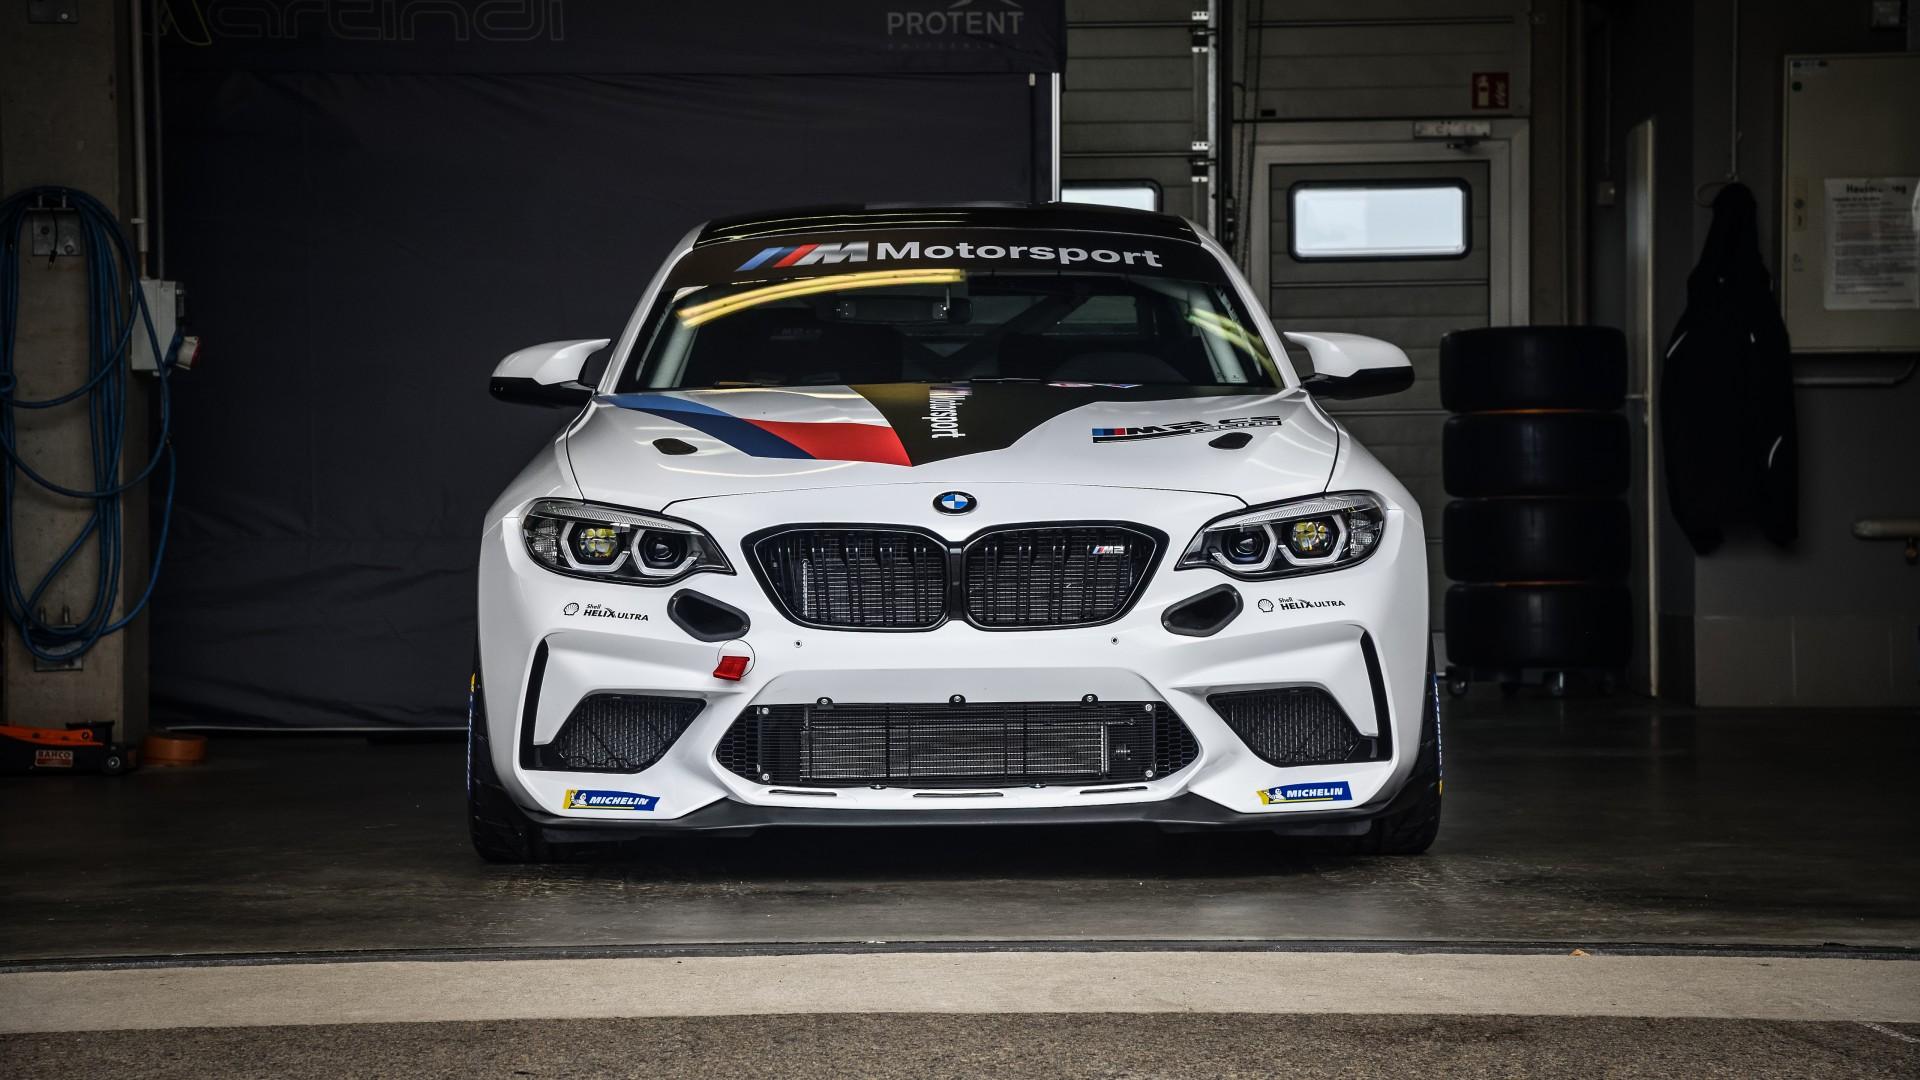 BMW M2 CS Racing 2020 4K Wallpaper | HD Car Wallpapers ...